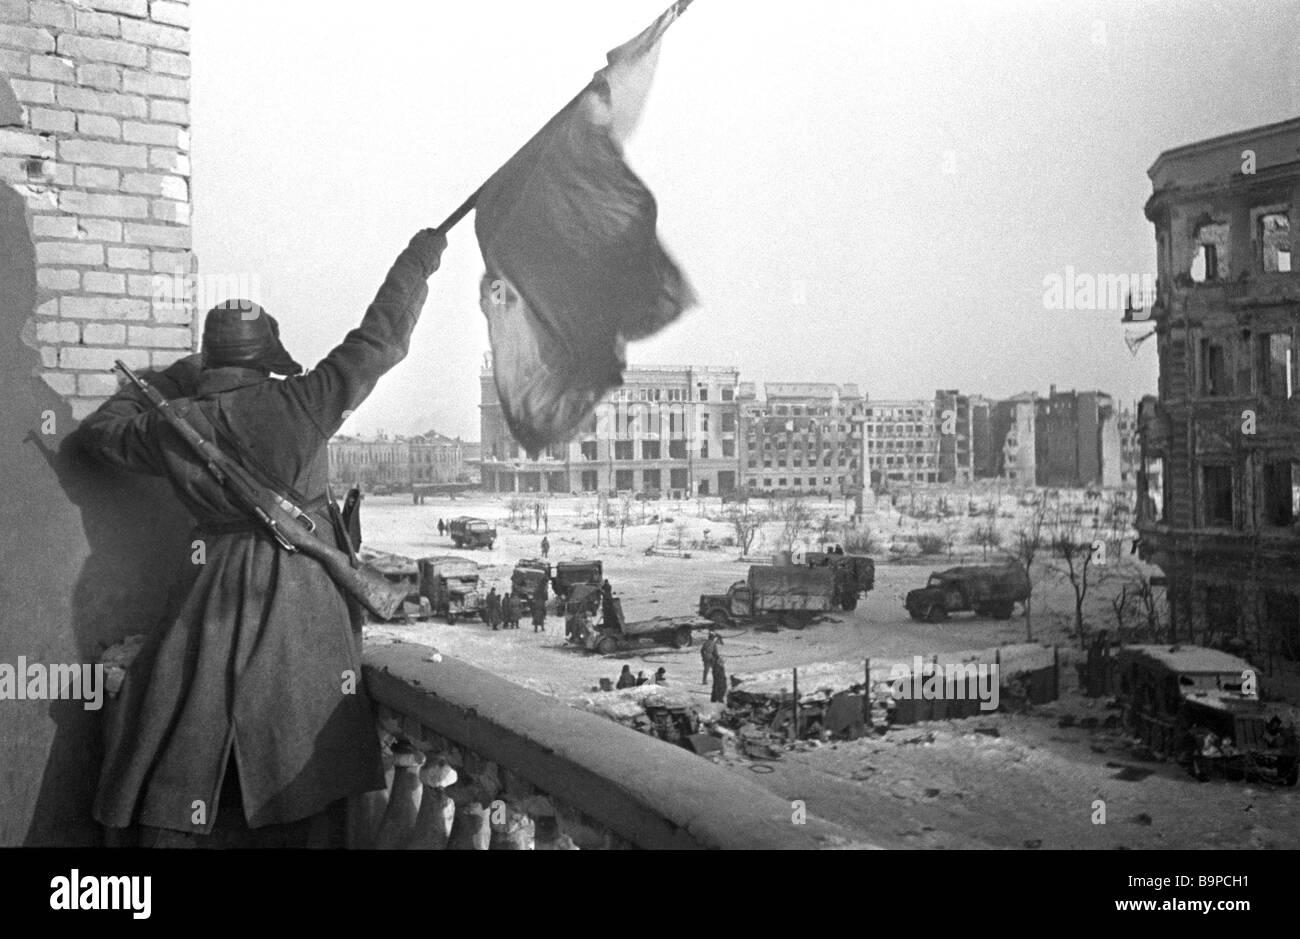 Die Siegesfahne gehisst Nachkriegszeit die Schlacht von Stalingrad 1943 Stockfoto